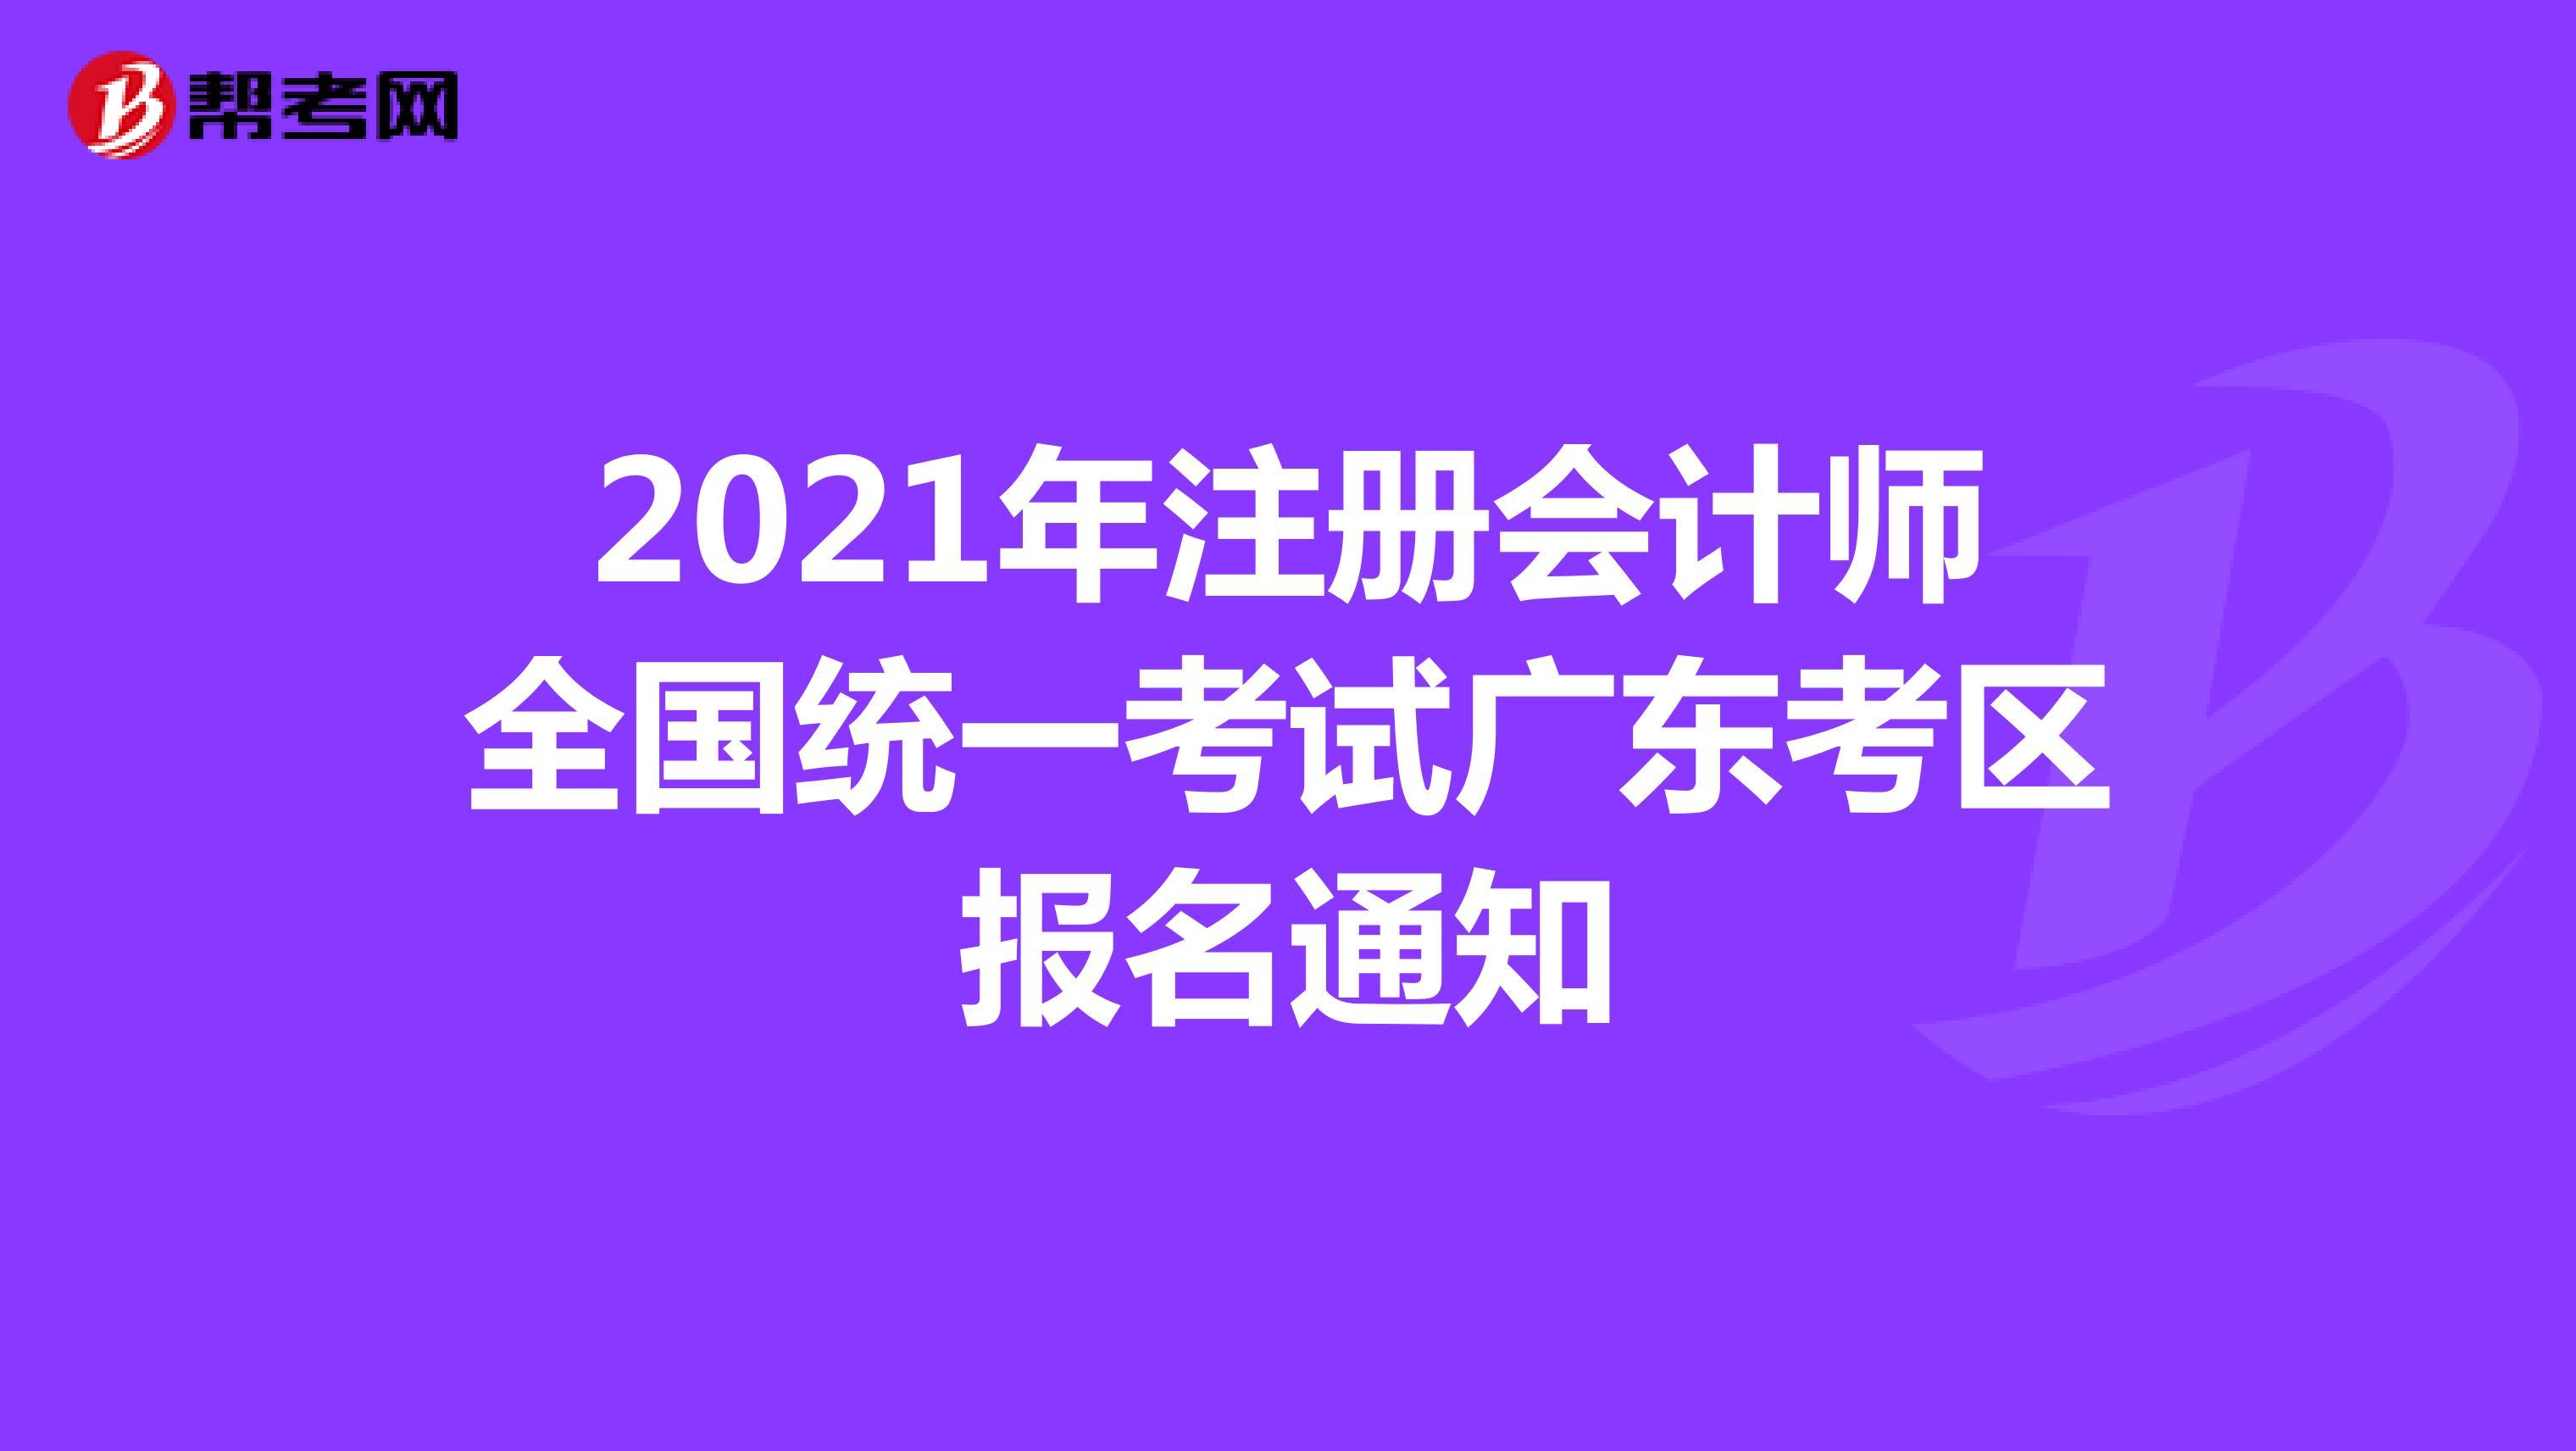 2021年【hot88热竞技提款】注册会计师全国统一考试广东考区报名通知